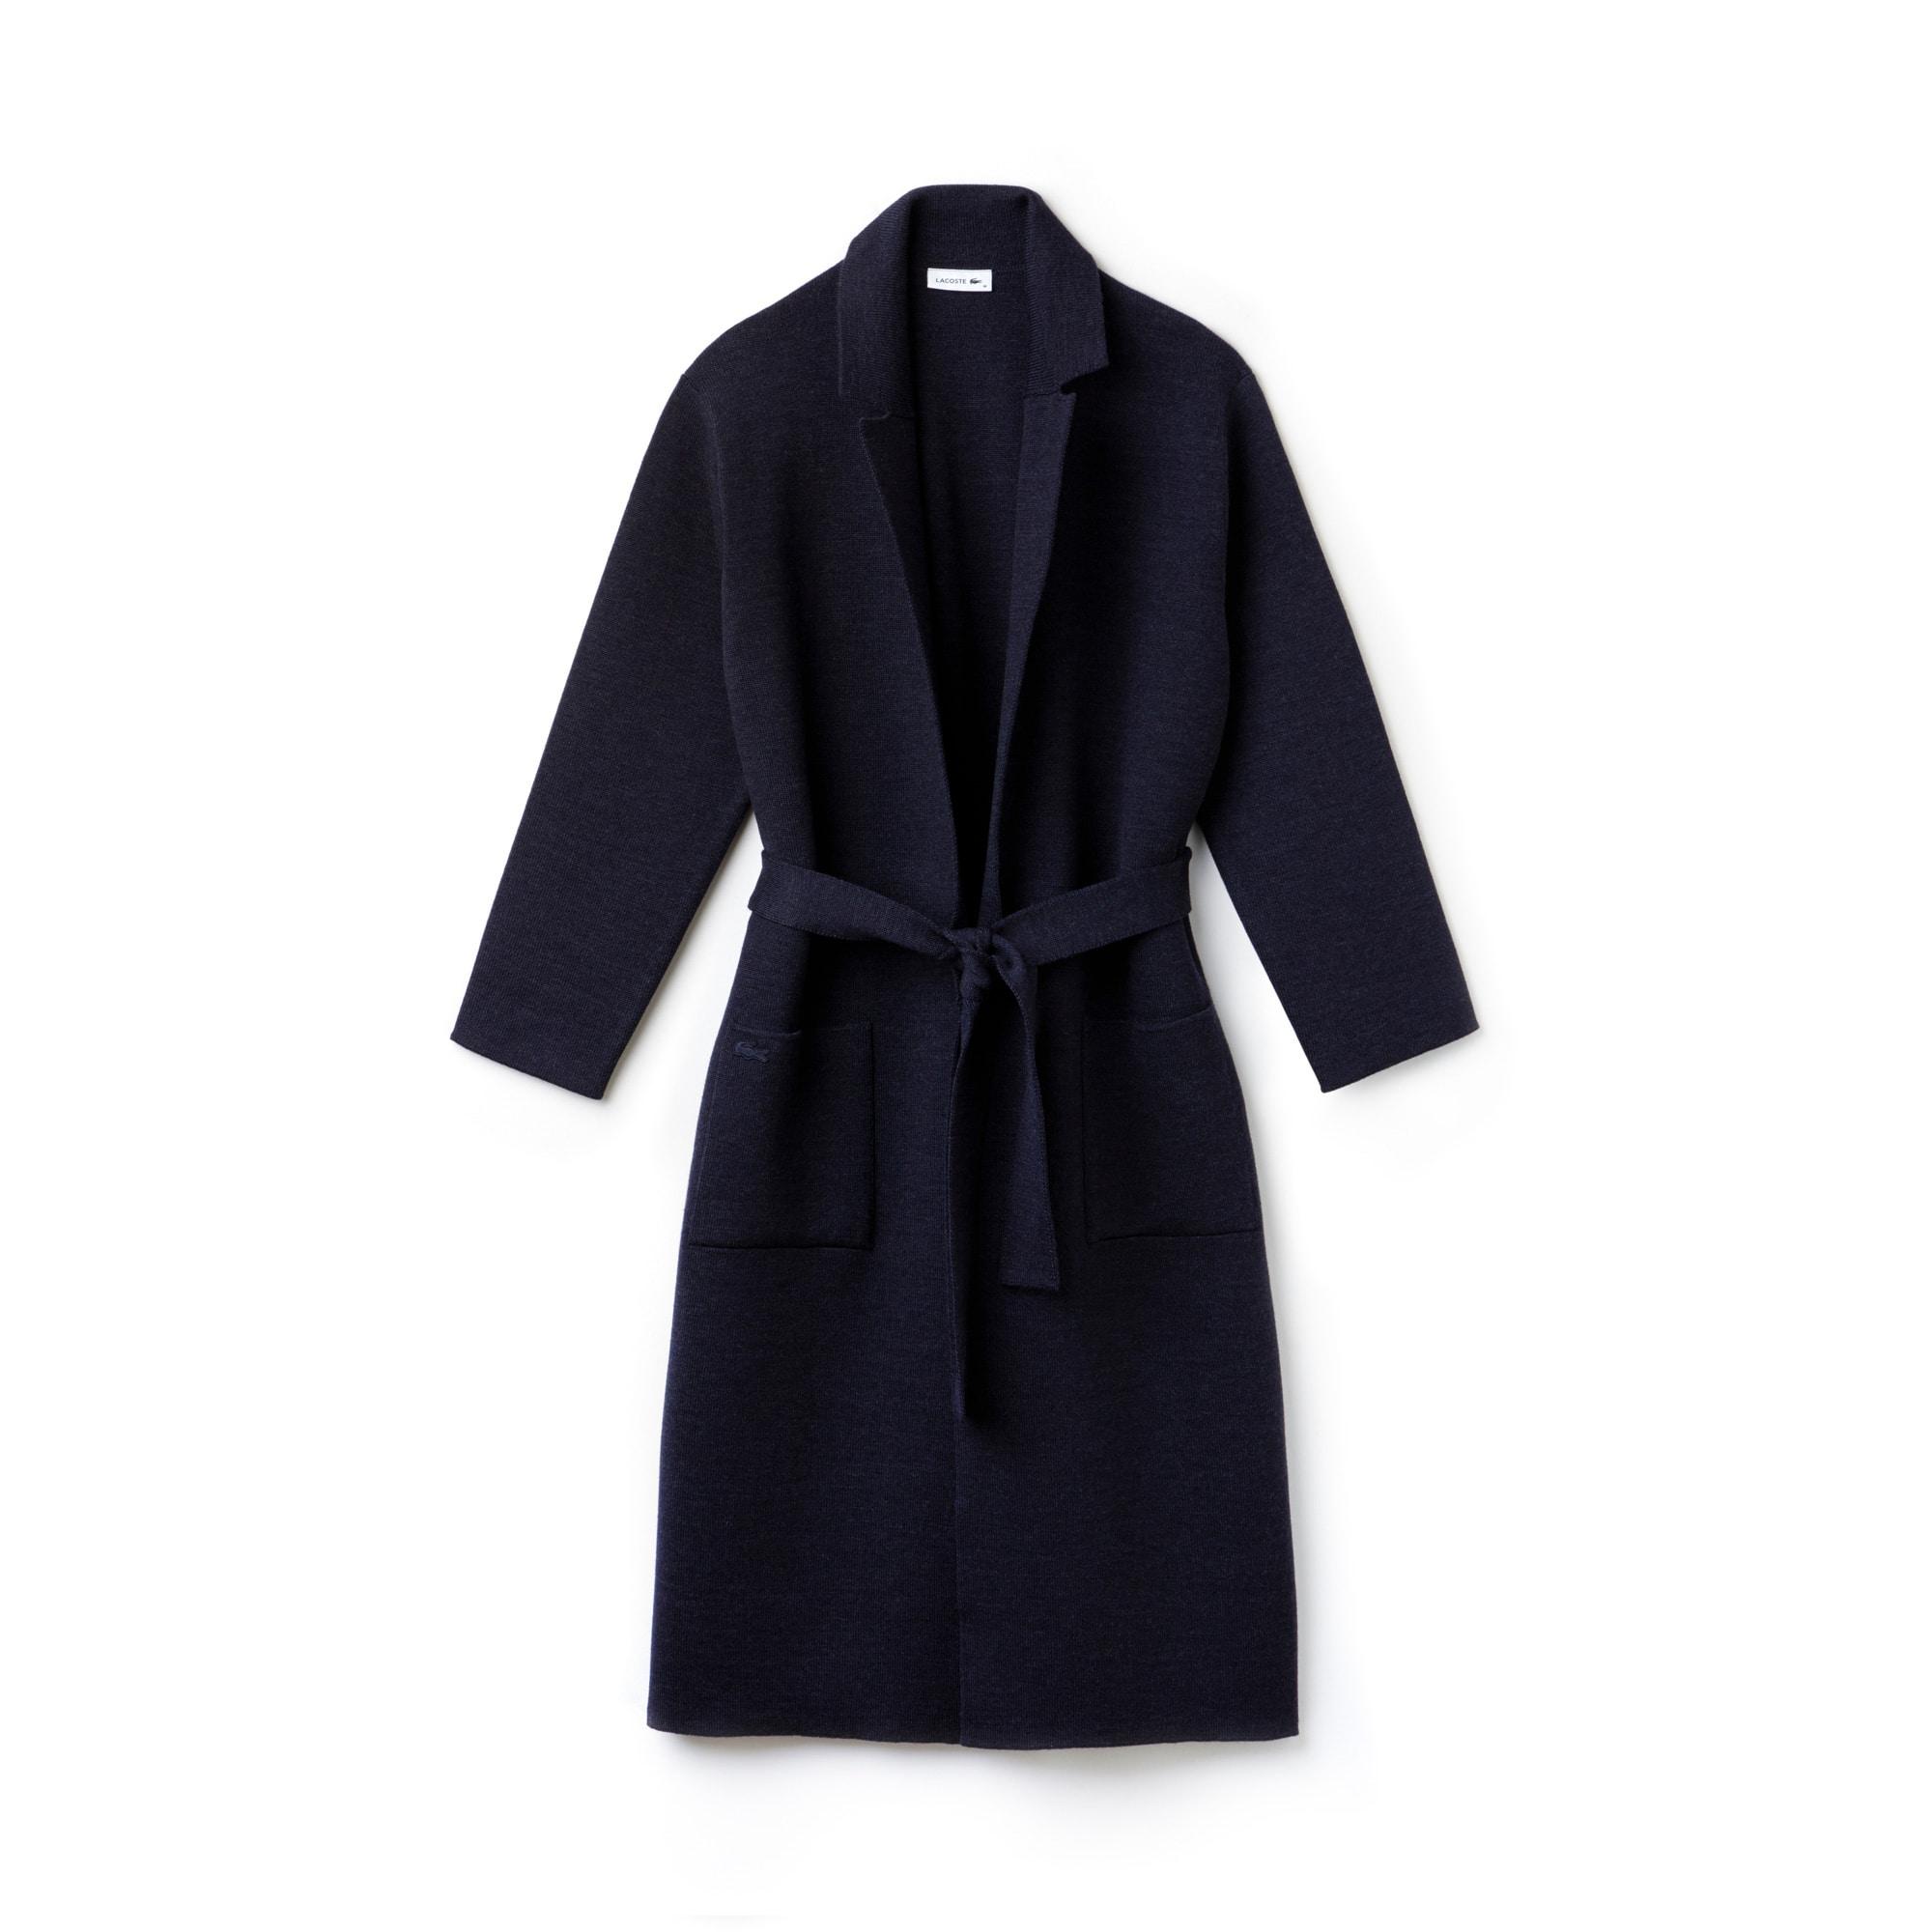 Women's Long Belted Wool Coat